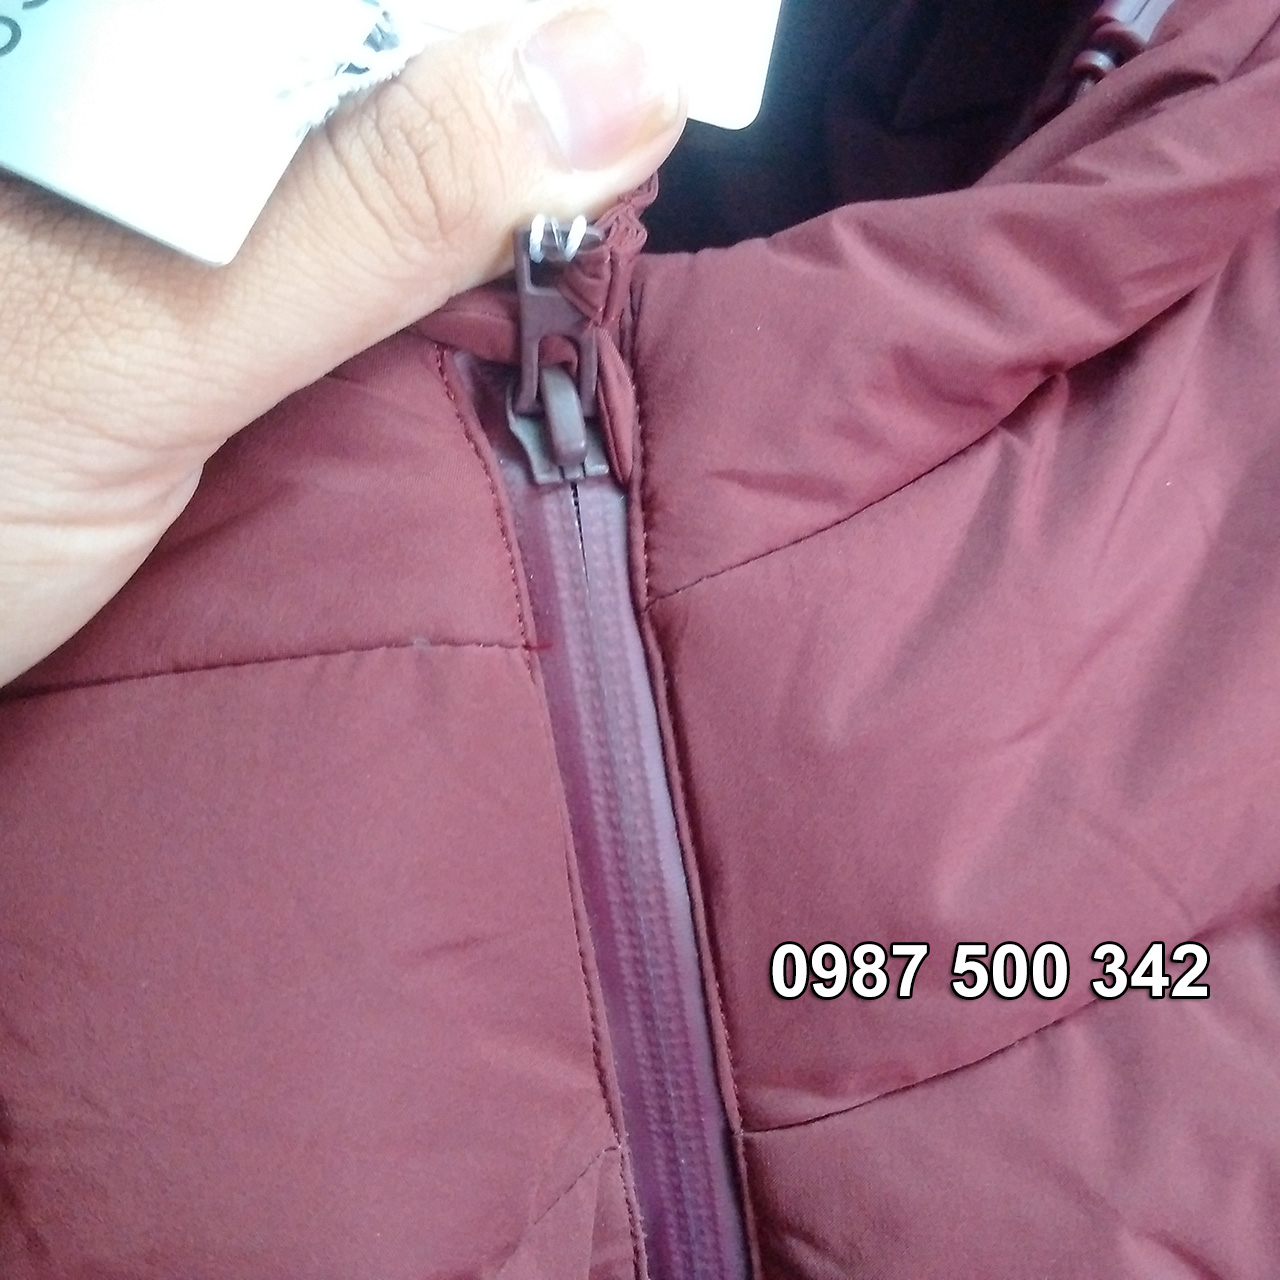 Khóa áo có lớp phủ bảo vệ ngăn không cho nước vào bên trong qua khe khóa